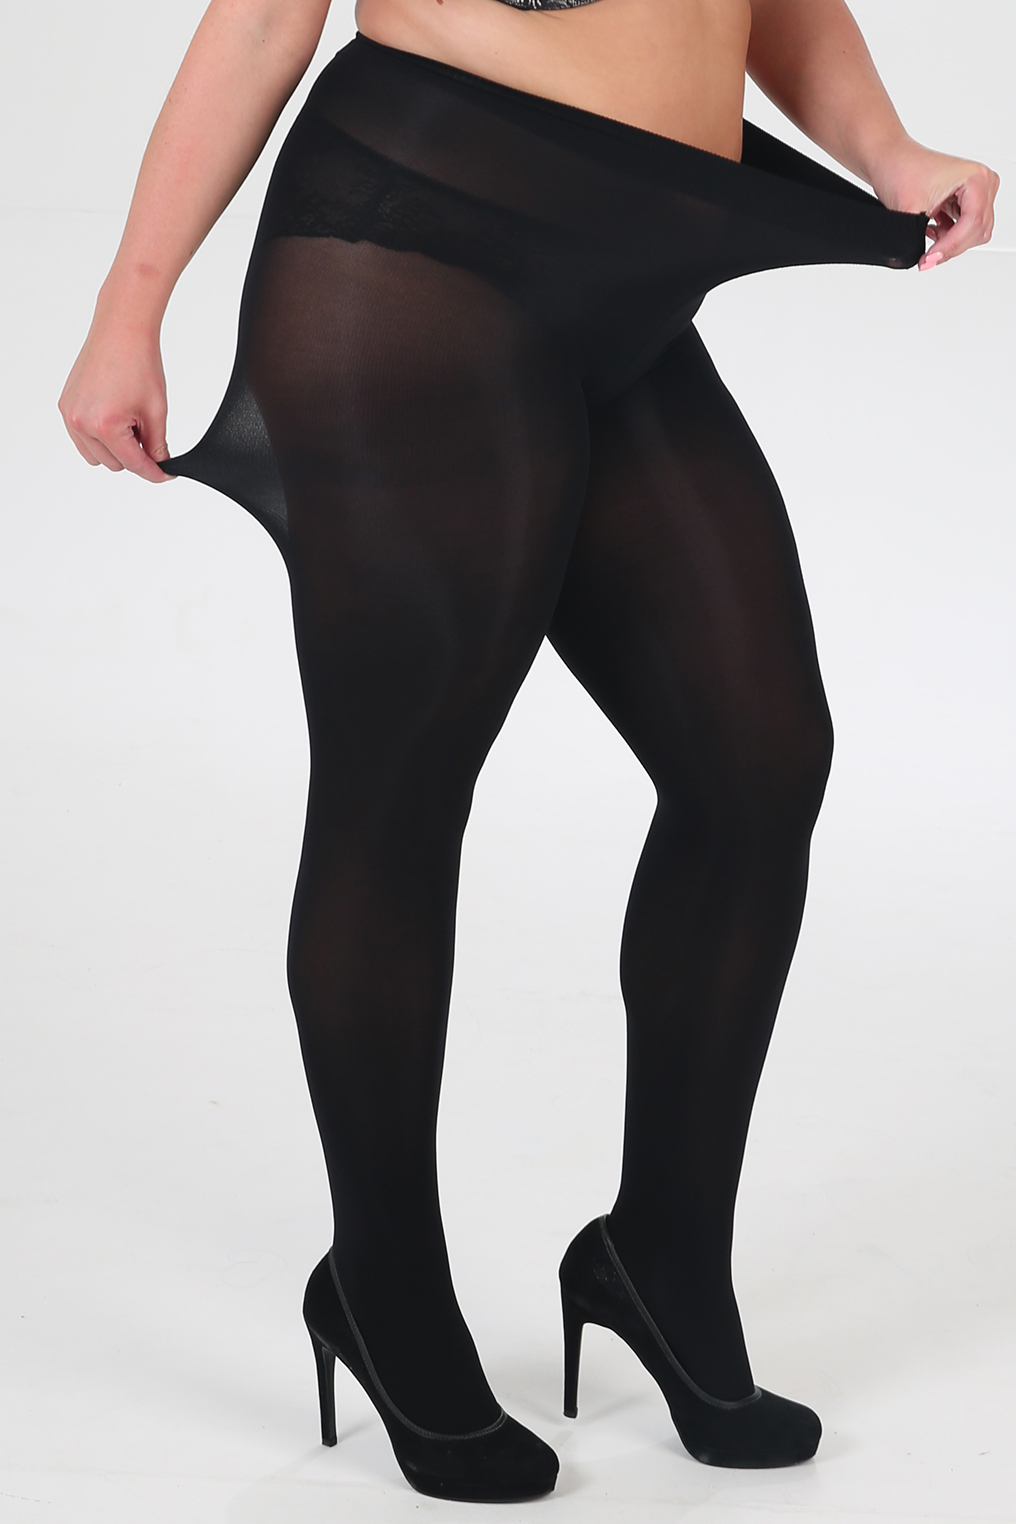 Panty 90 Den Curvy Pamela Mann